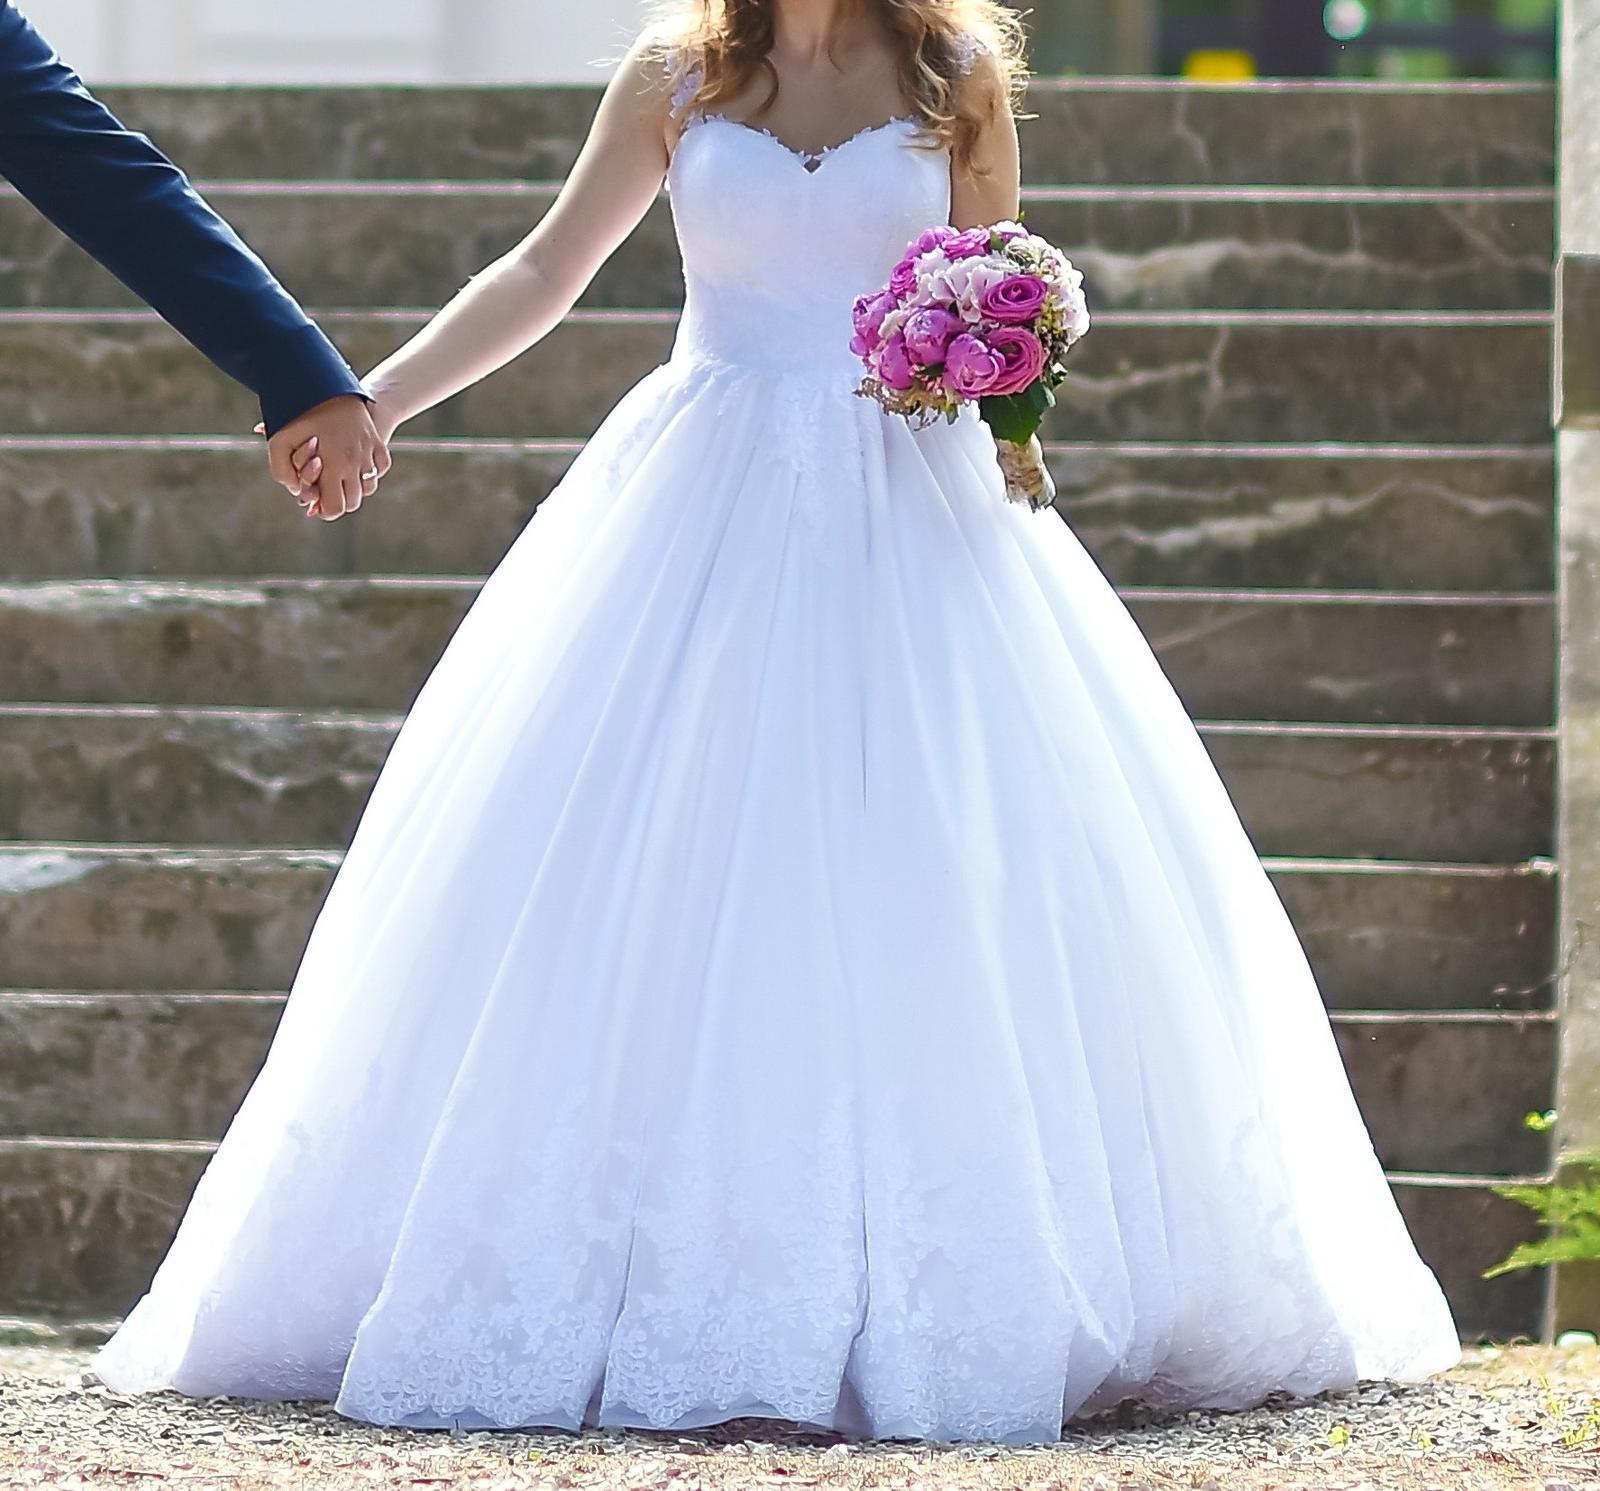 Princeznovské svadobné šaty (34-38) - Obrázok č. 1